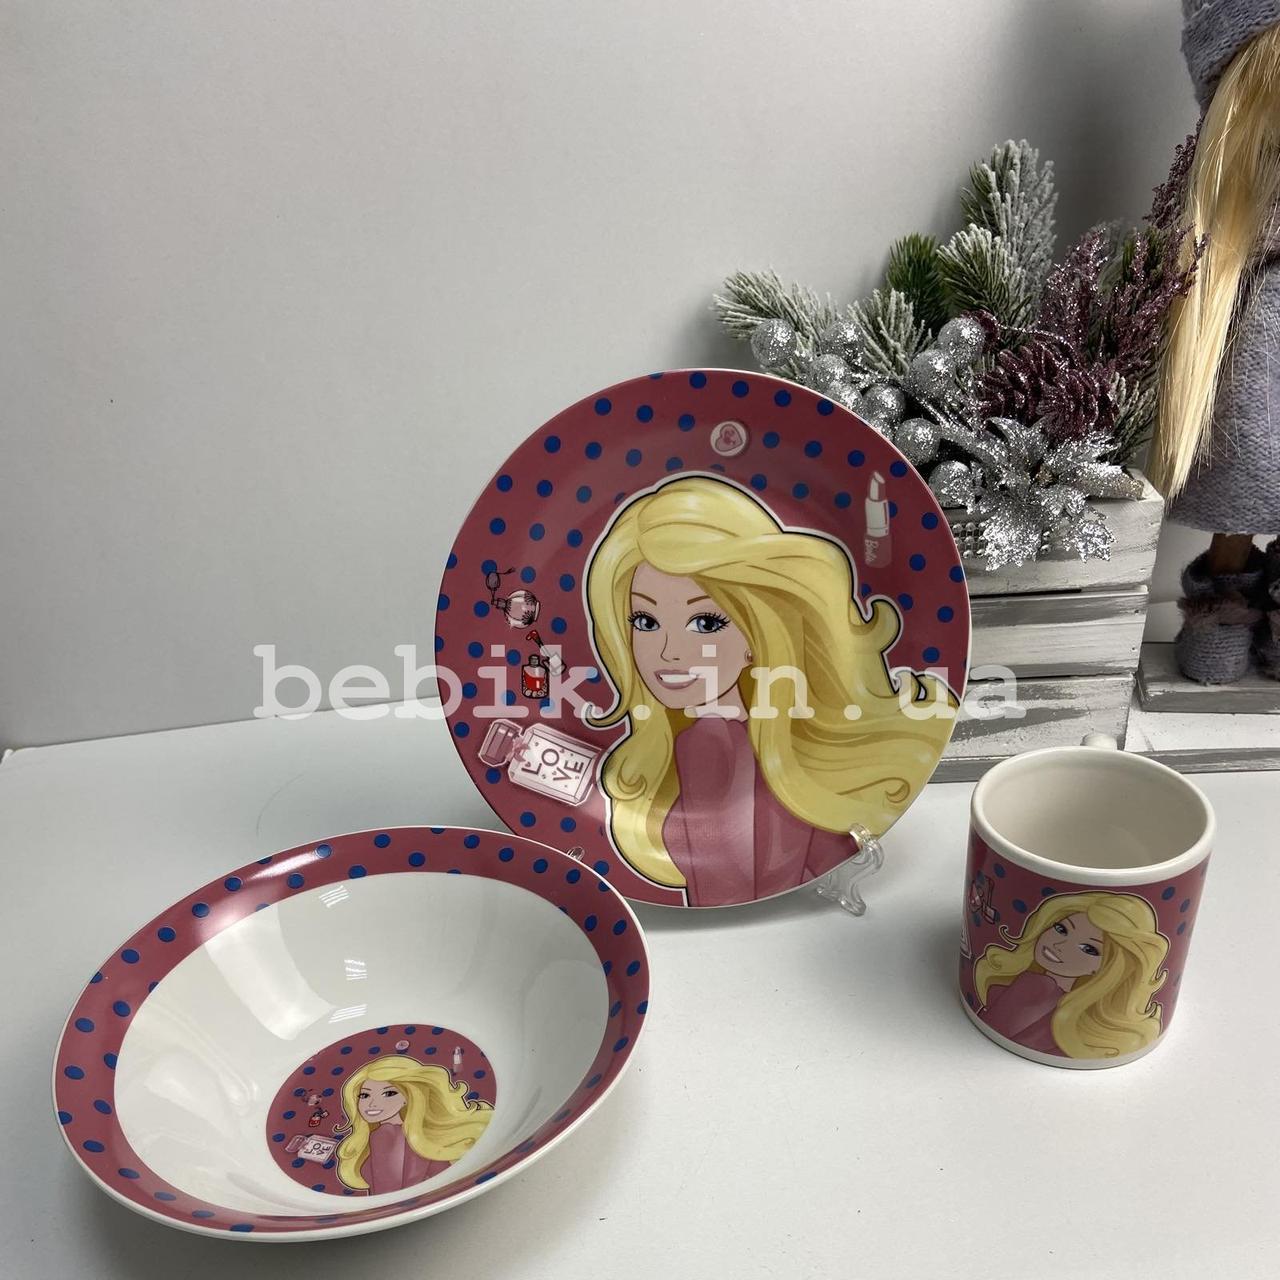 Керамический набор детской посуды Барби для девочек